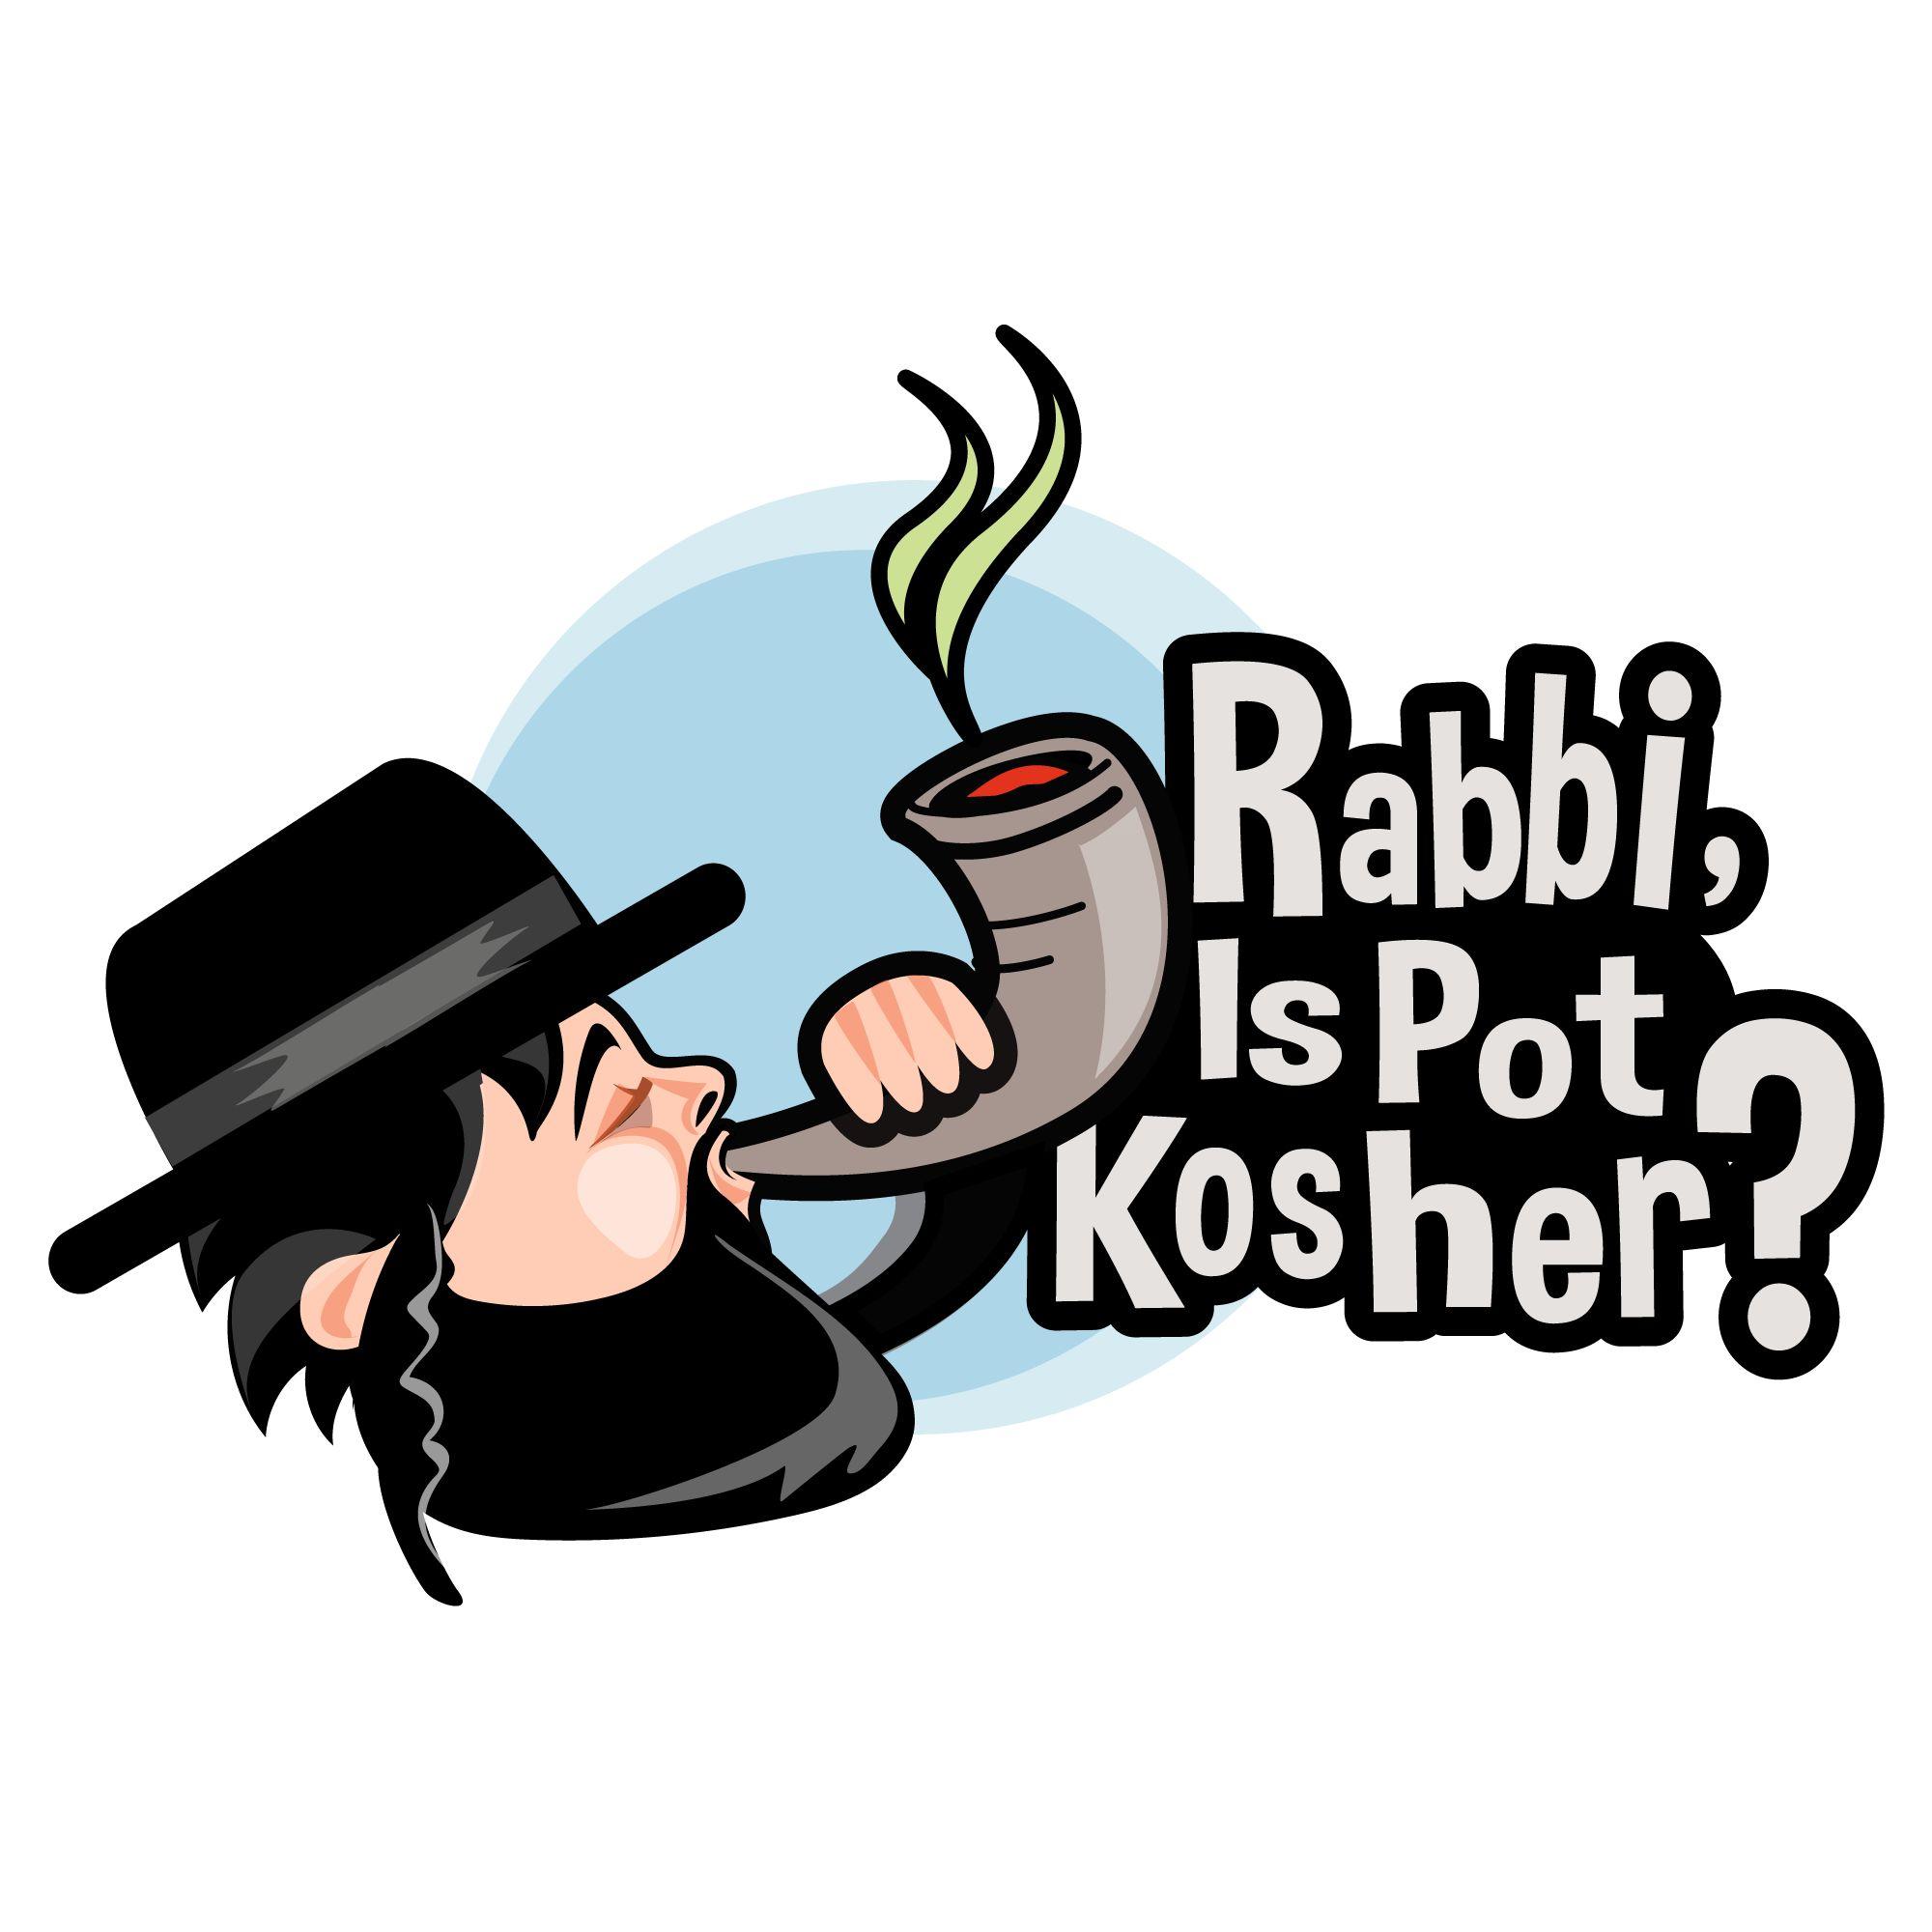 How Jewish was John Lennon?